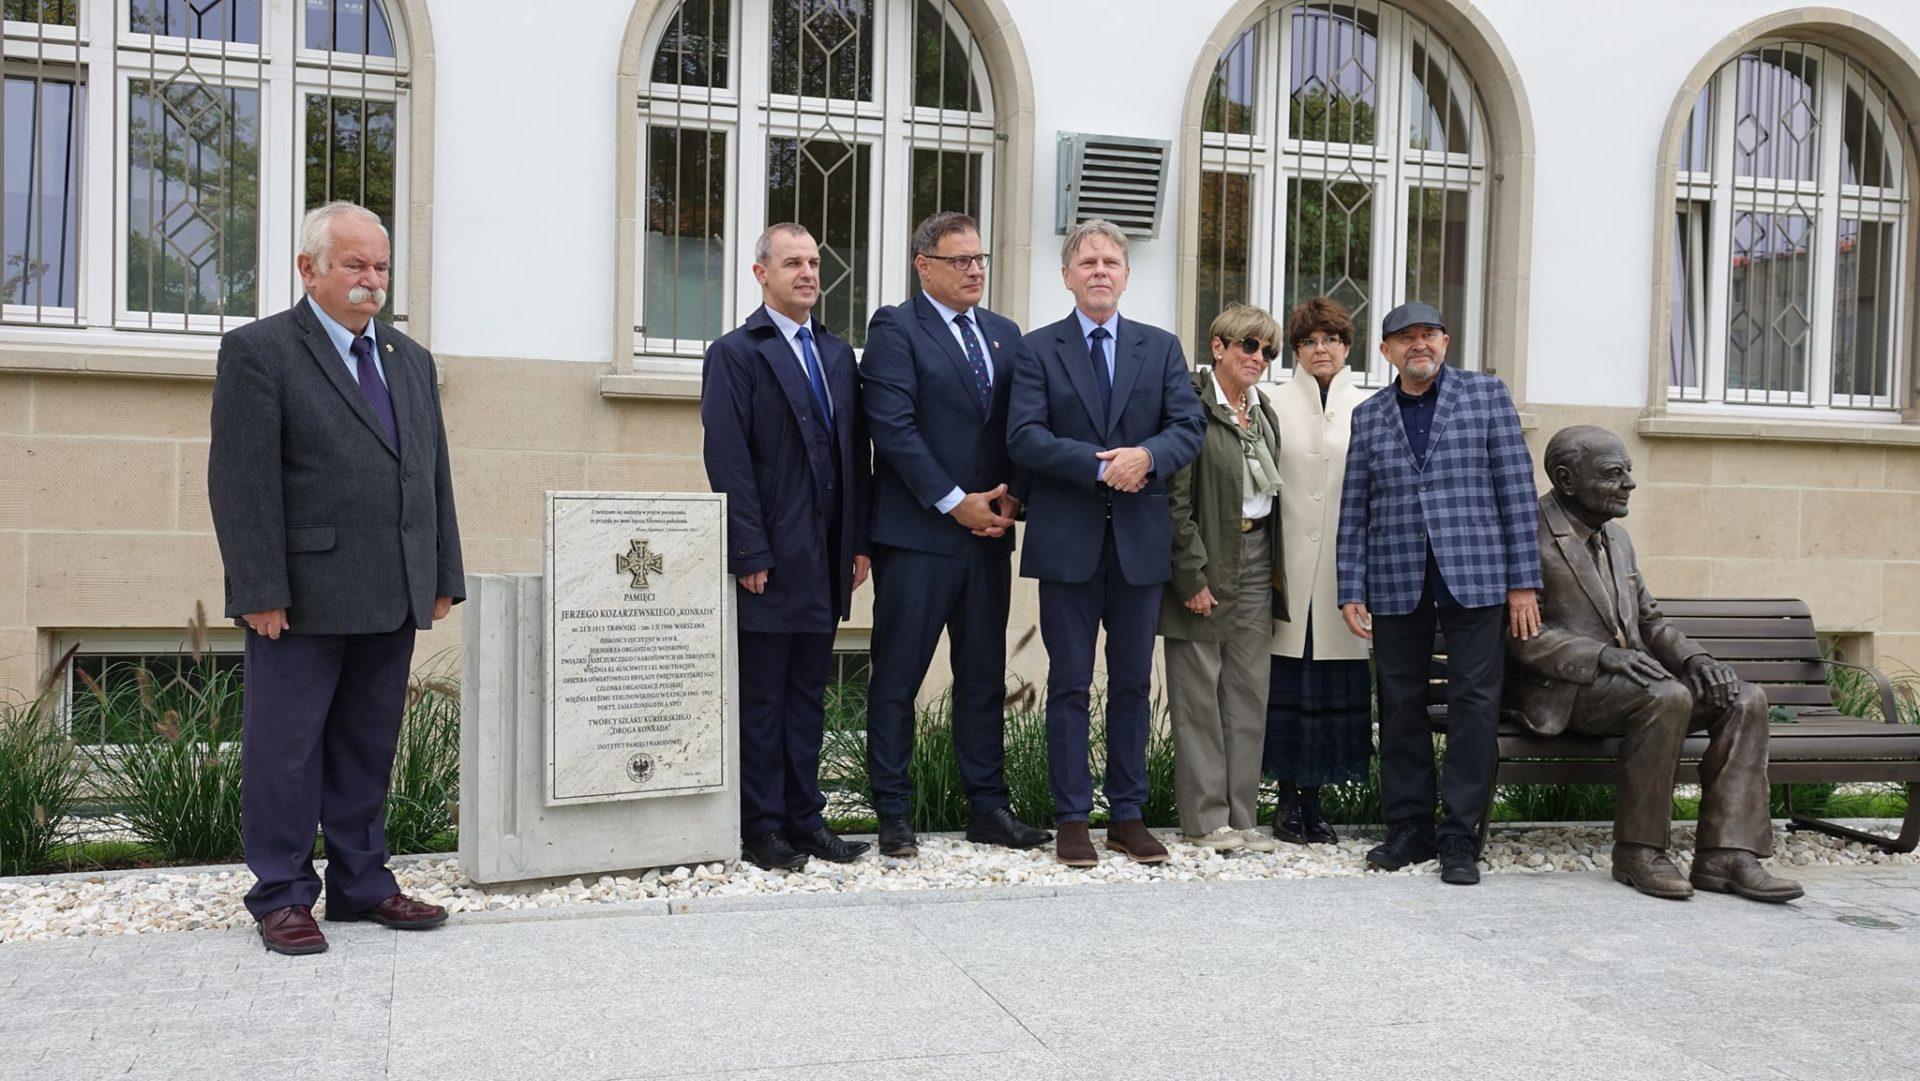 Oficjalne odsłonięcie pomnika-ławeczki Jerzego Kozarzewskiego